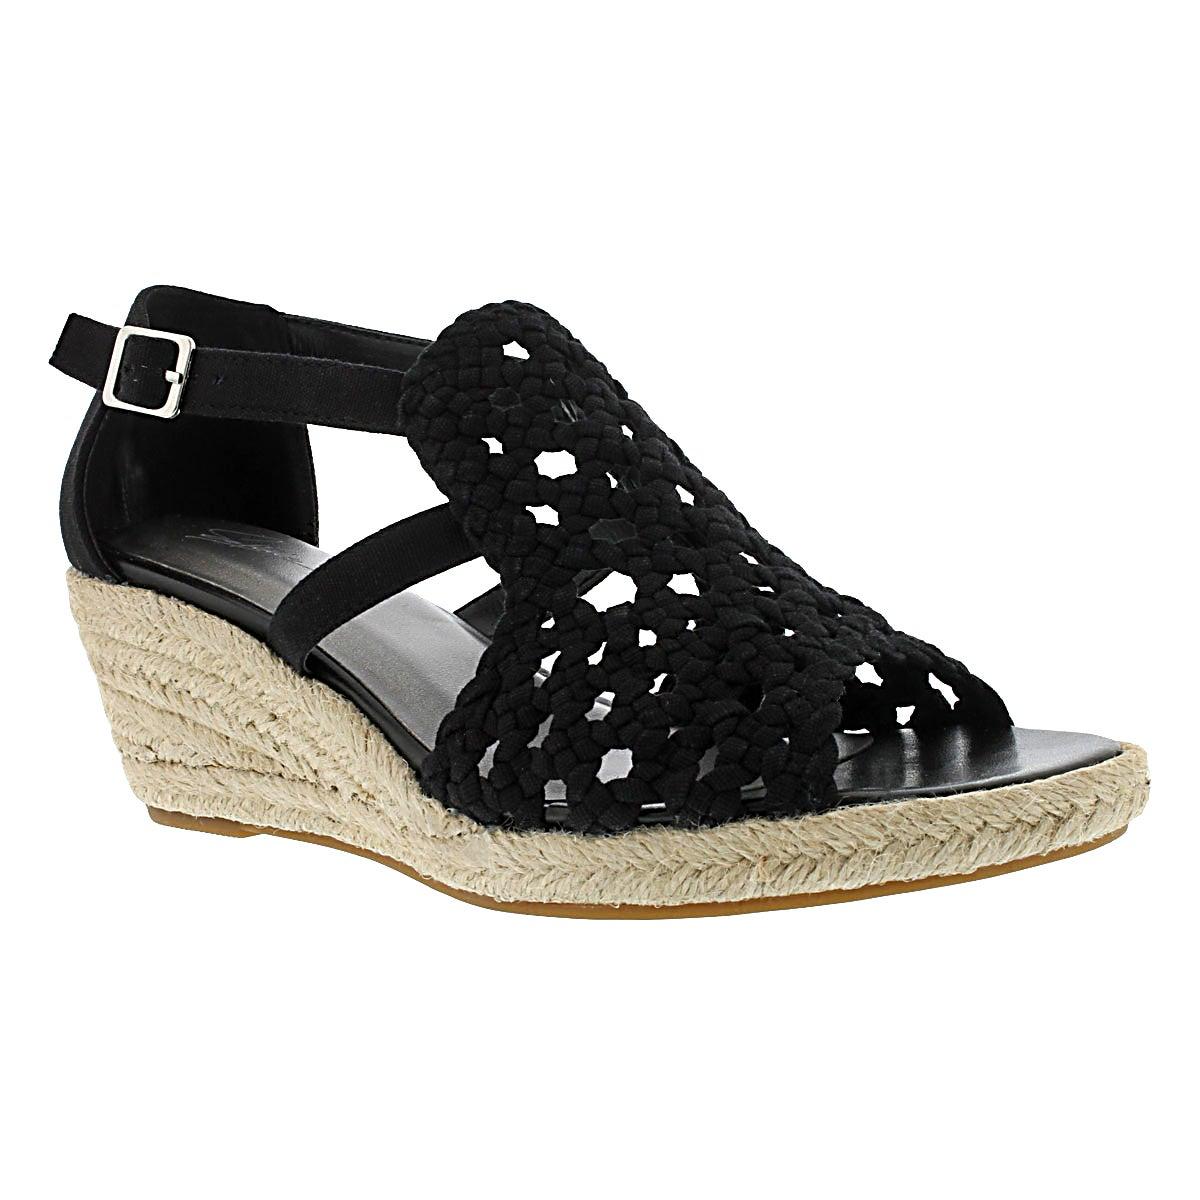 Lds Emmy 2 black wedge sandal